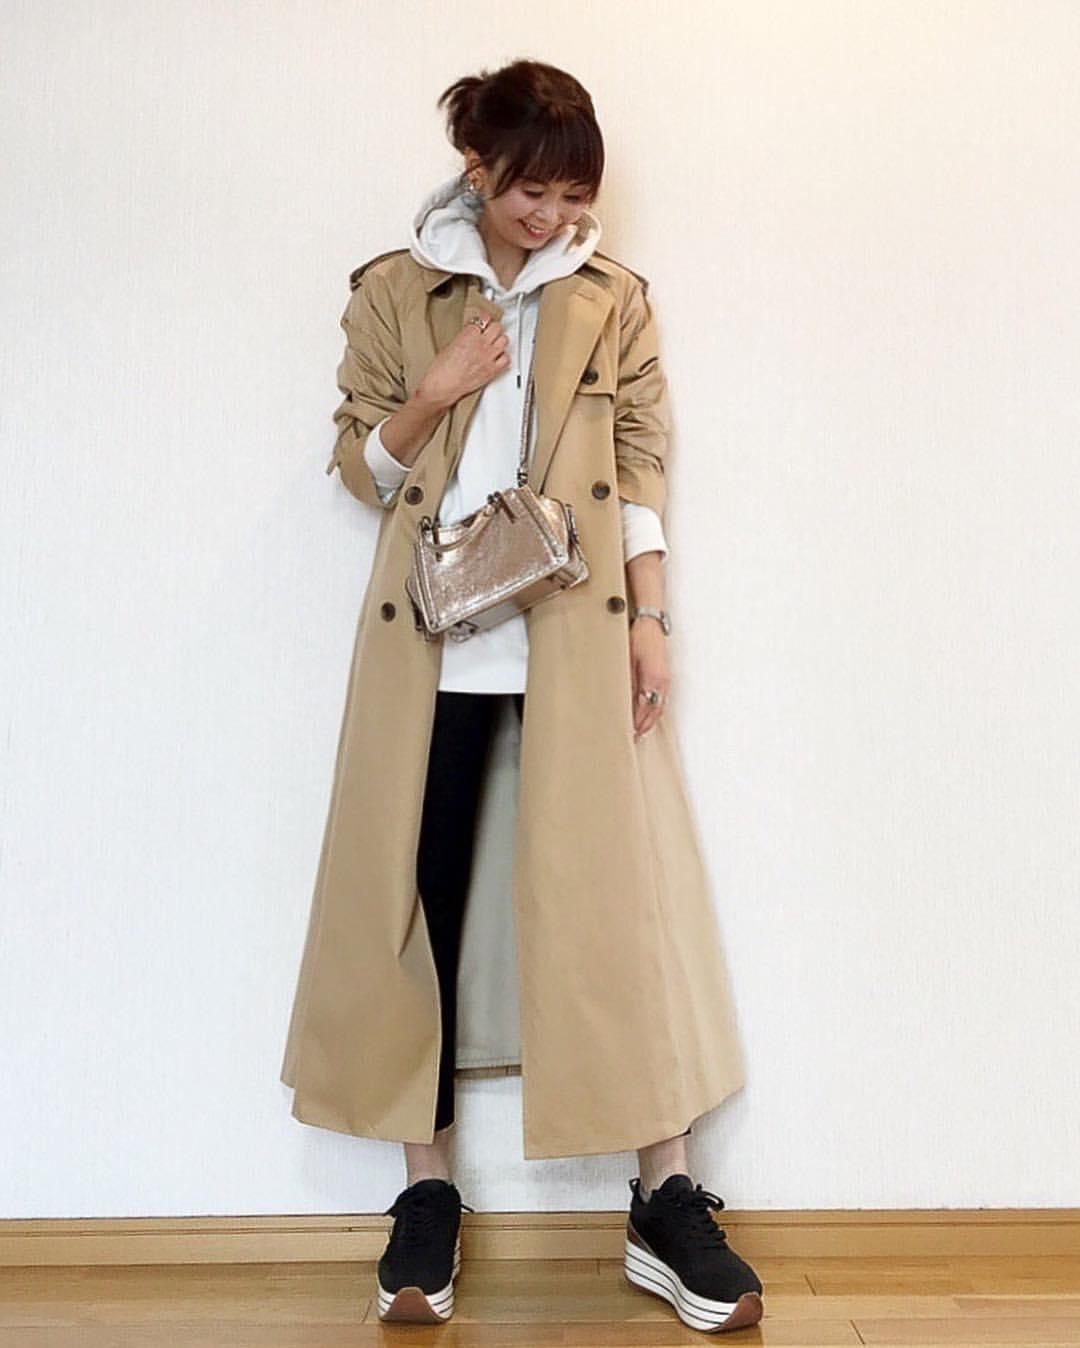 最高気温21度・最低気温10度 acmee.chiyoの服装